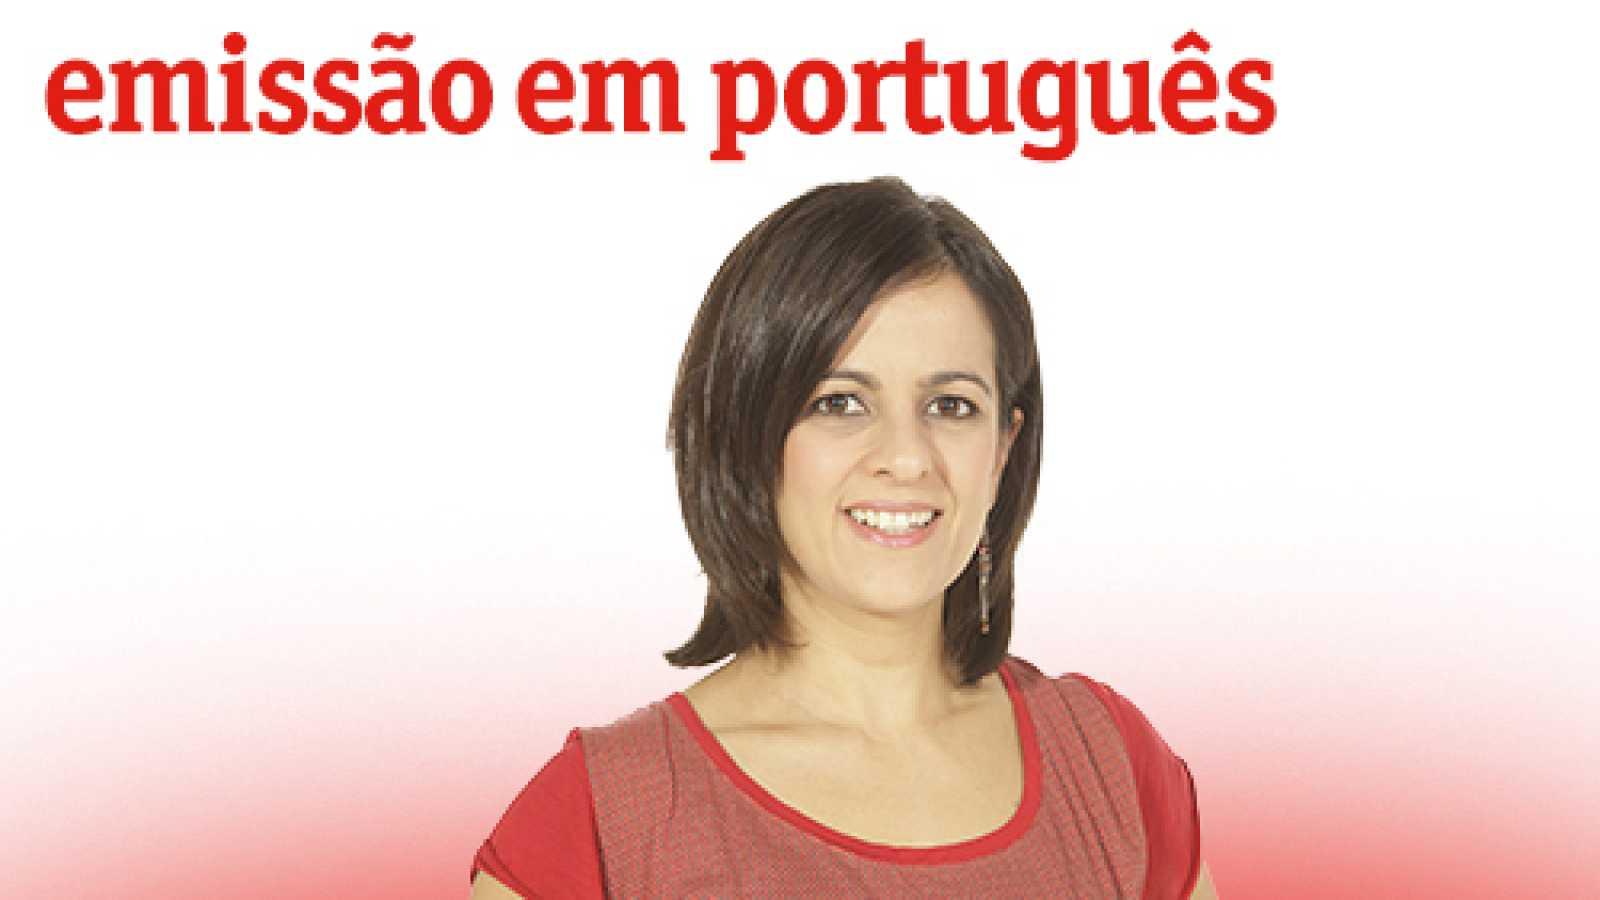 Emissão em português - Escritora baiana idealiza e rememora o Brasil em novo livro - 15/04/16 - escuchar ahora